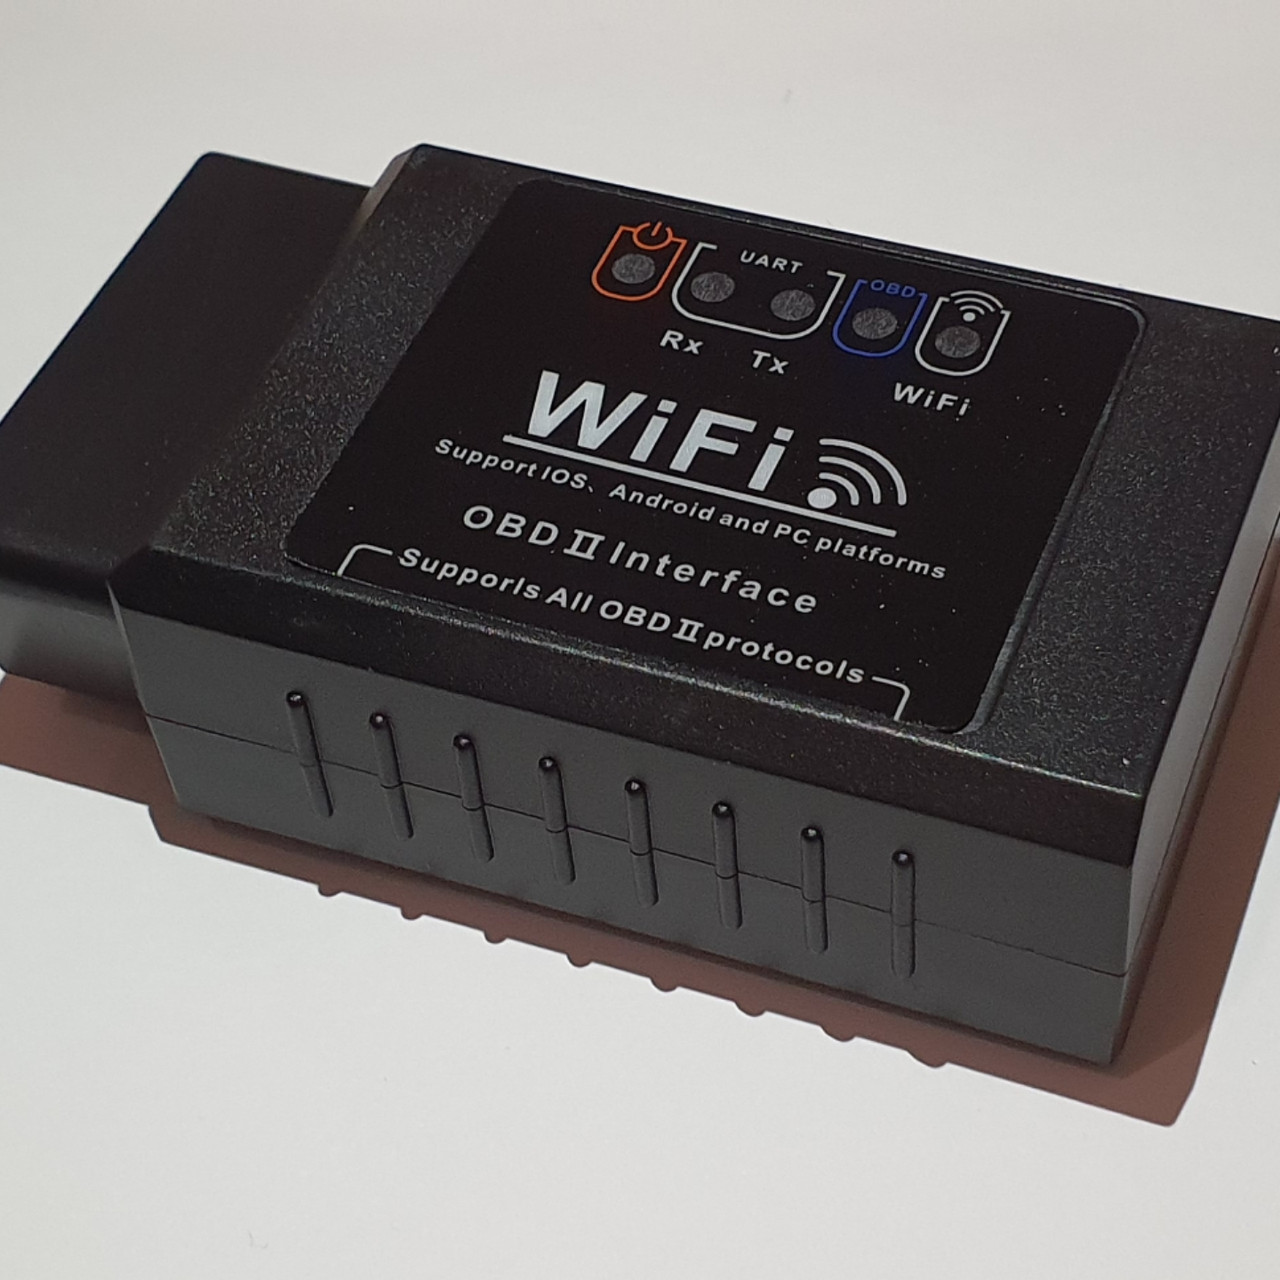 Диагностический OBD2 сканер адаптер ELM327 Wifi v1.5 (поддержка IOS, Android) / автосканер